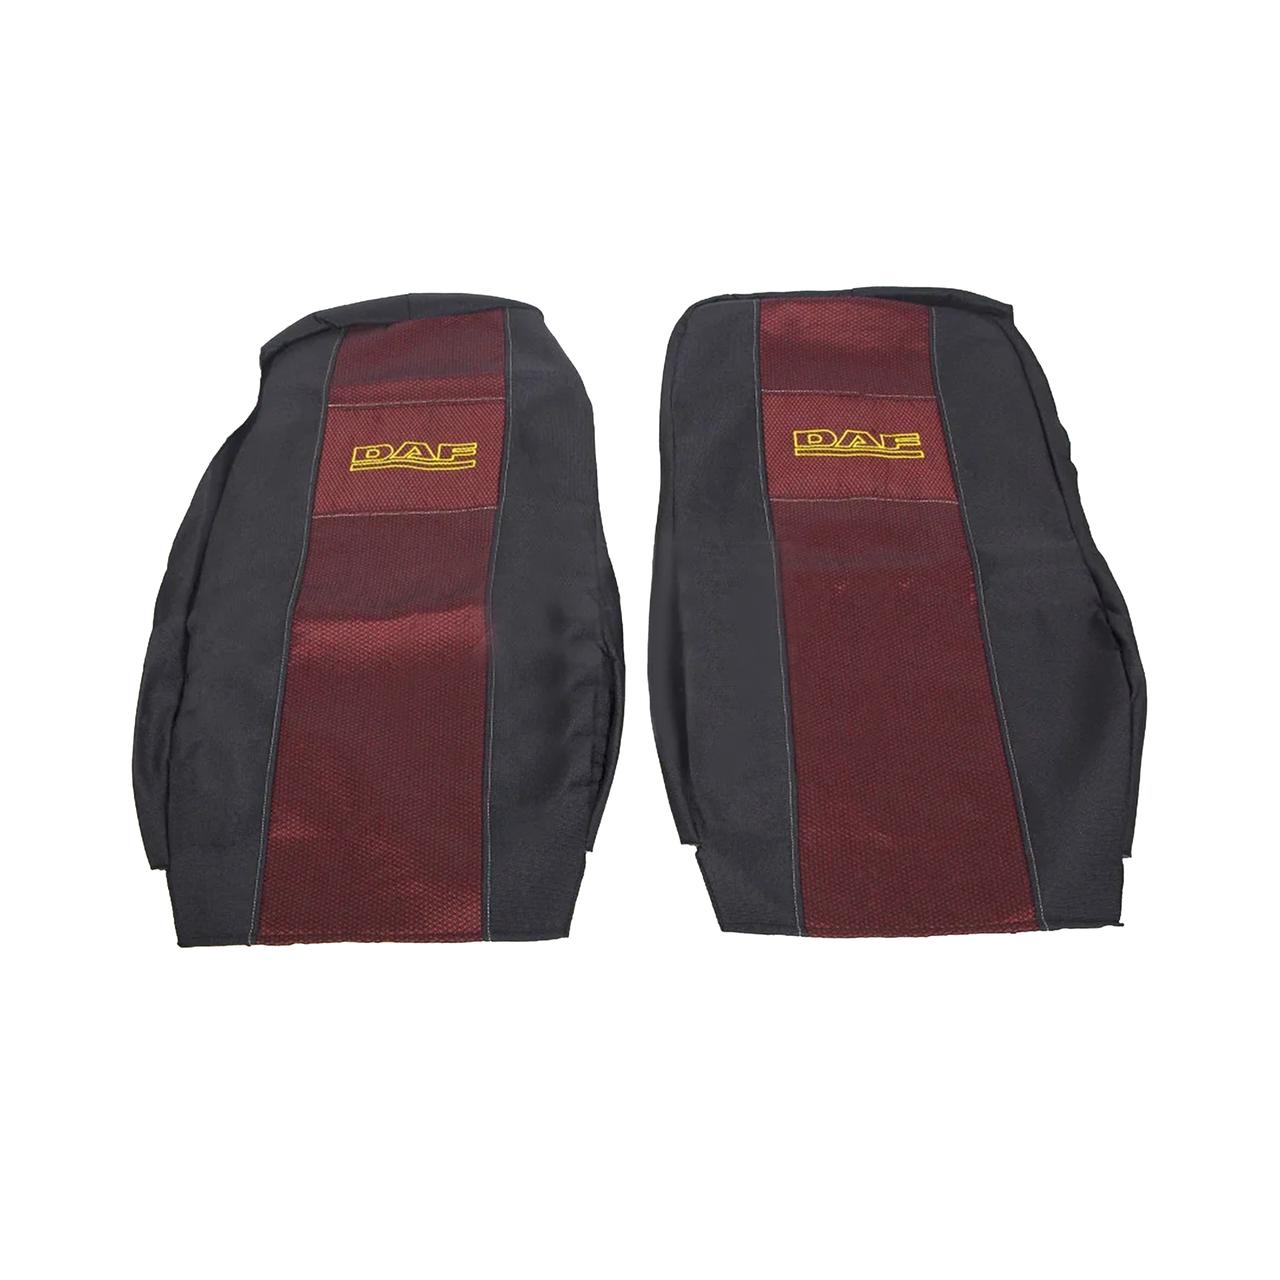 Чехлы на сиденья DAF XF.105.460 (EVRO5) Красного цвета